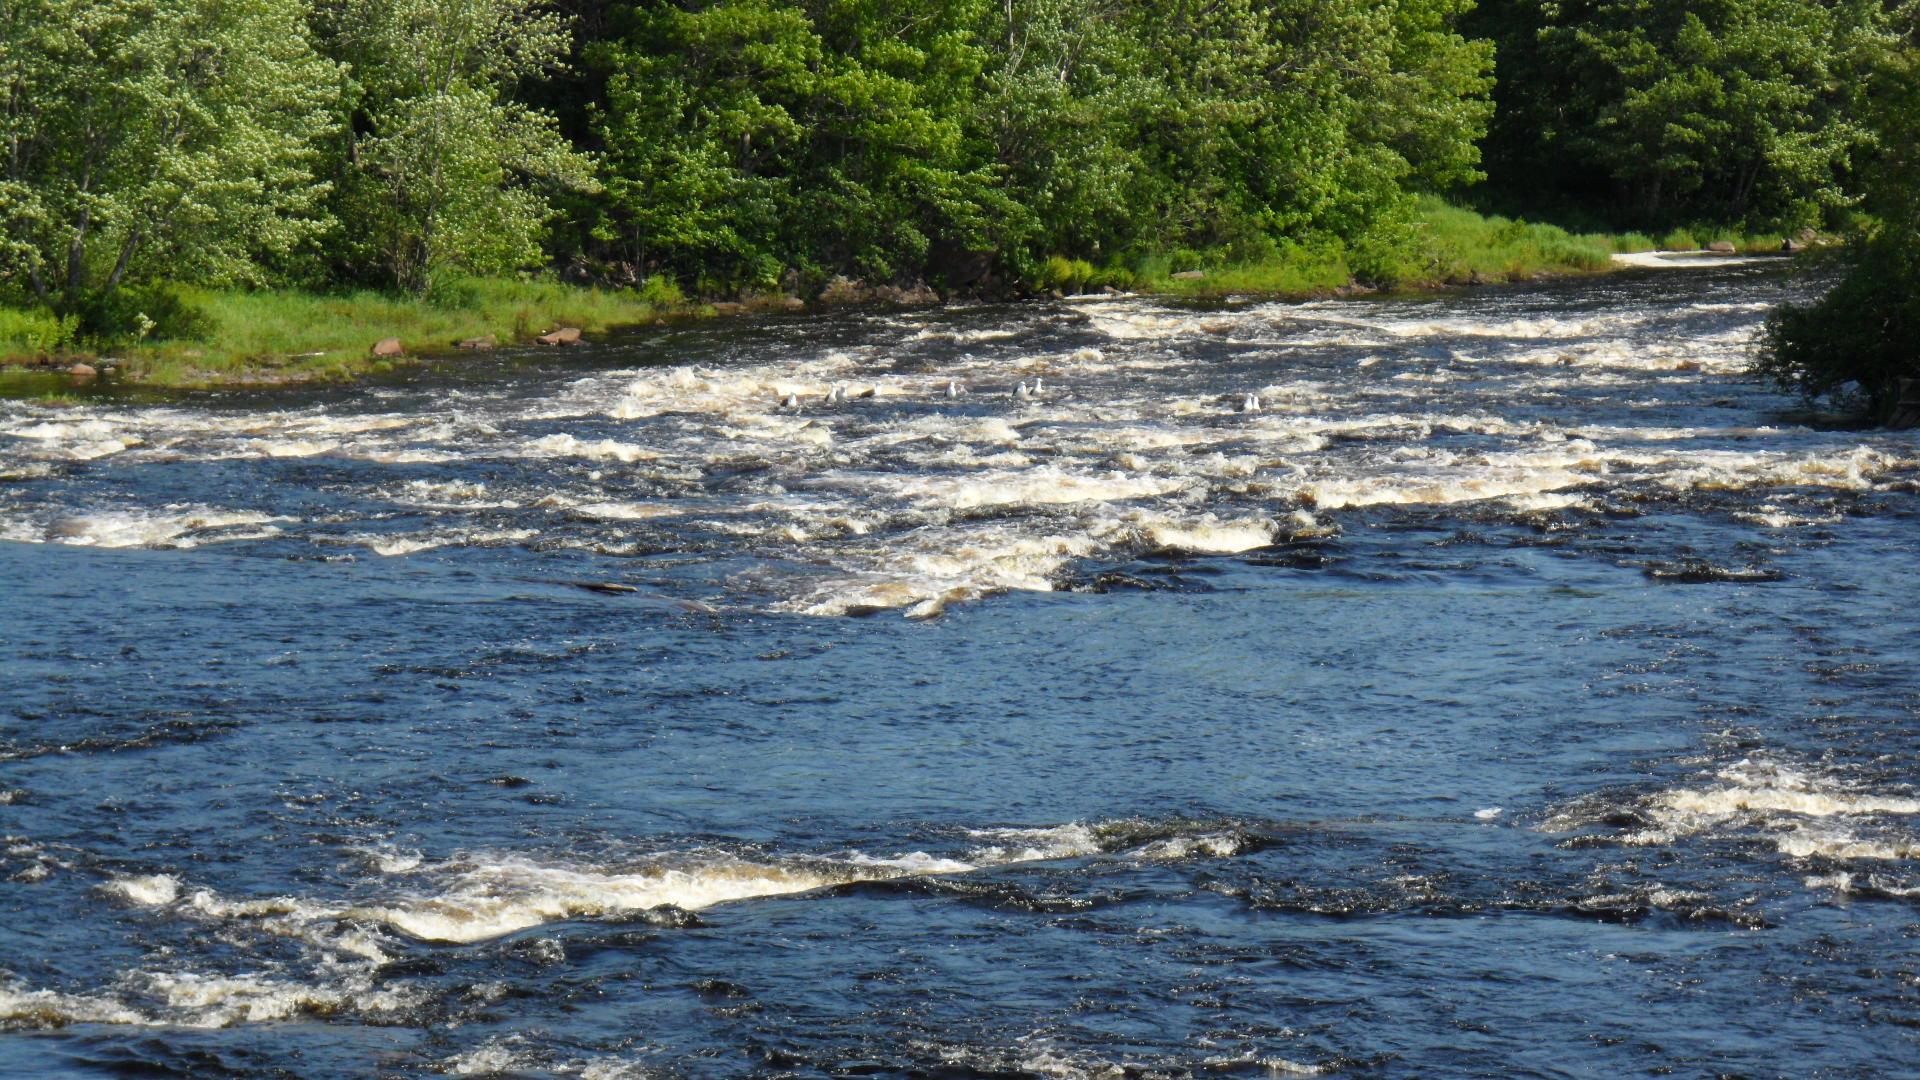 Nova Scotia - Superb Natural Beauty!